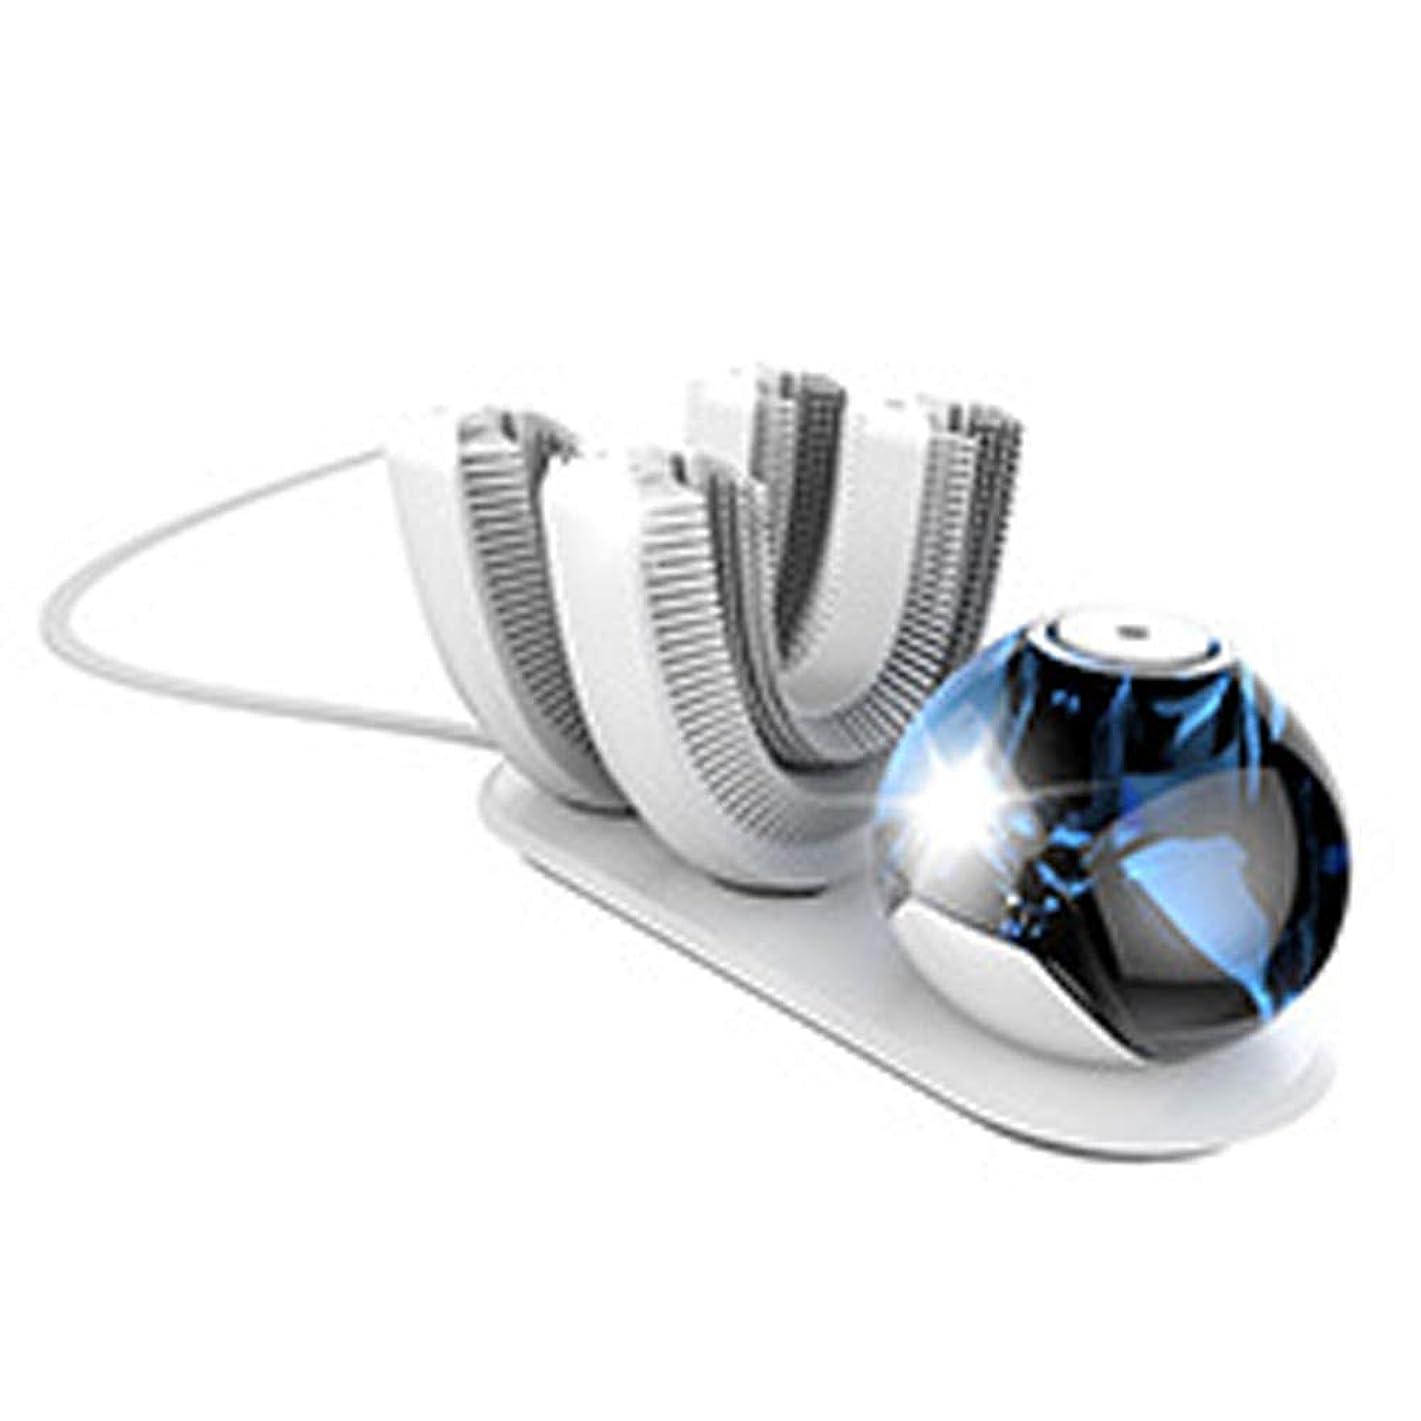 ぼろデュアルリングレット電動歯ブラシ、U字型歯ブラシの頭、超音波歯ブラシ、ワイヤレス充電音波歯ブラシ、防水IPX7